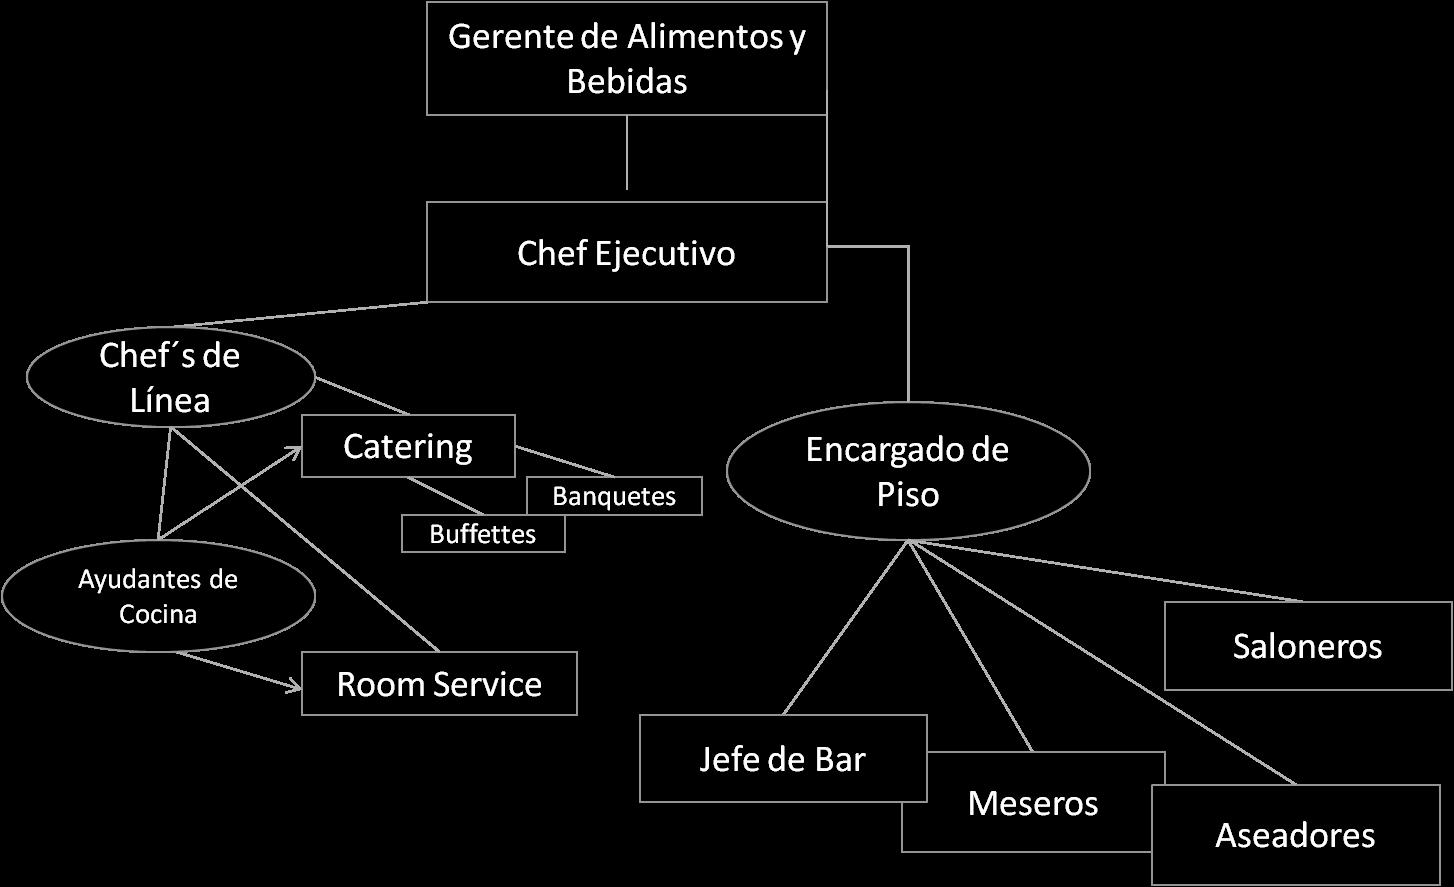 El papel que juega el negocio hotelero en el turismo como for Areas de la cocina y sus funciones